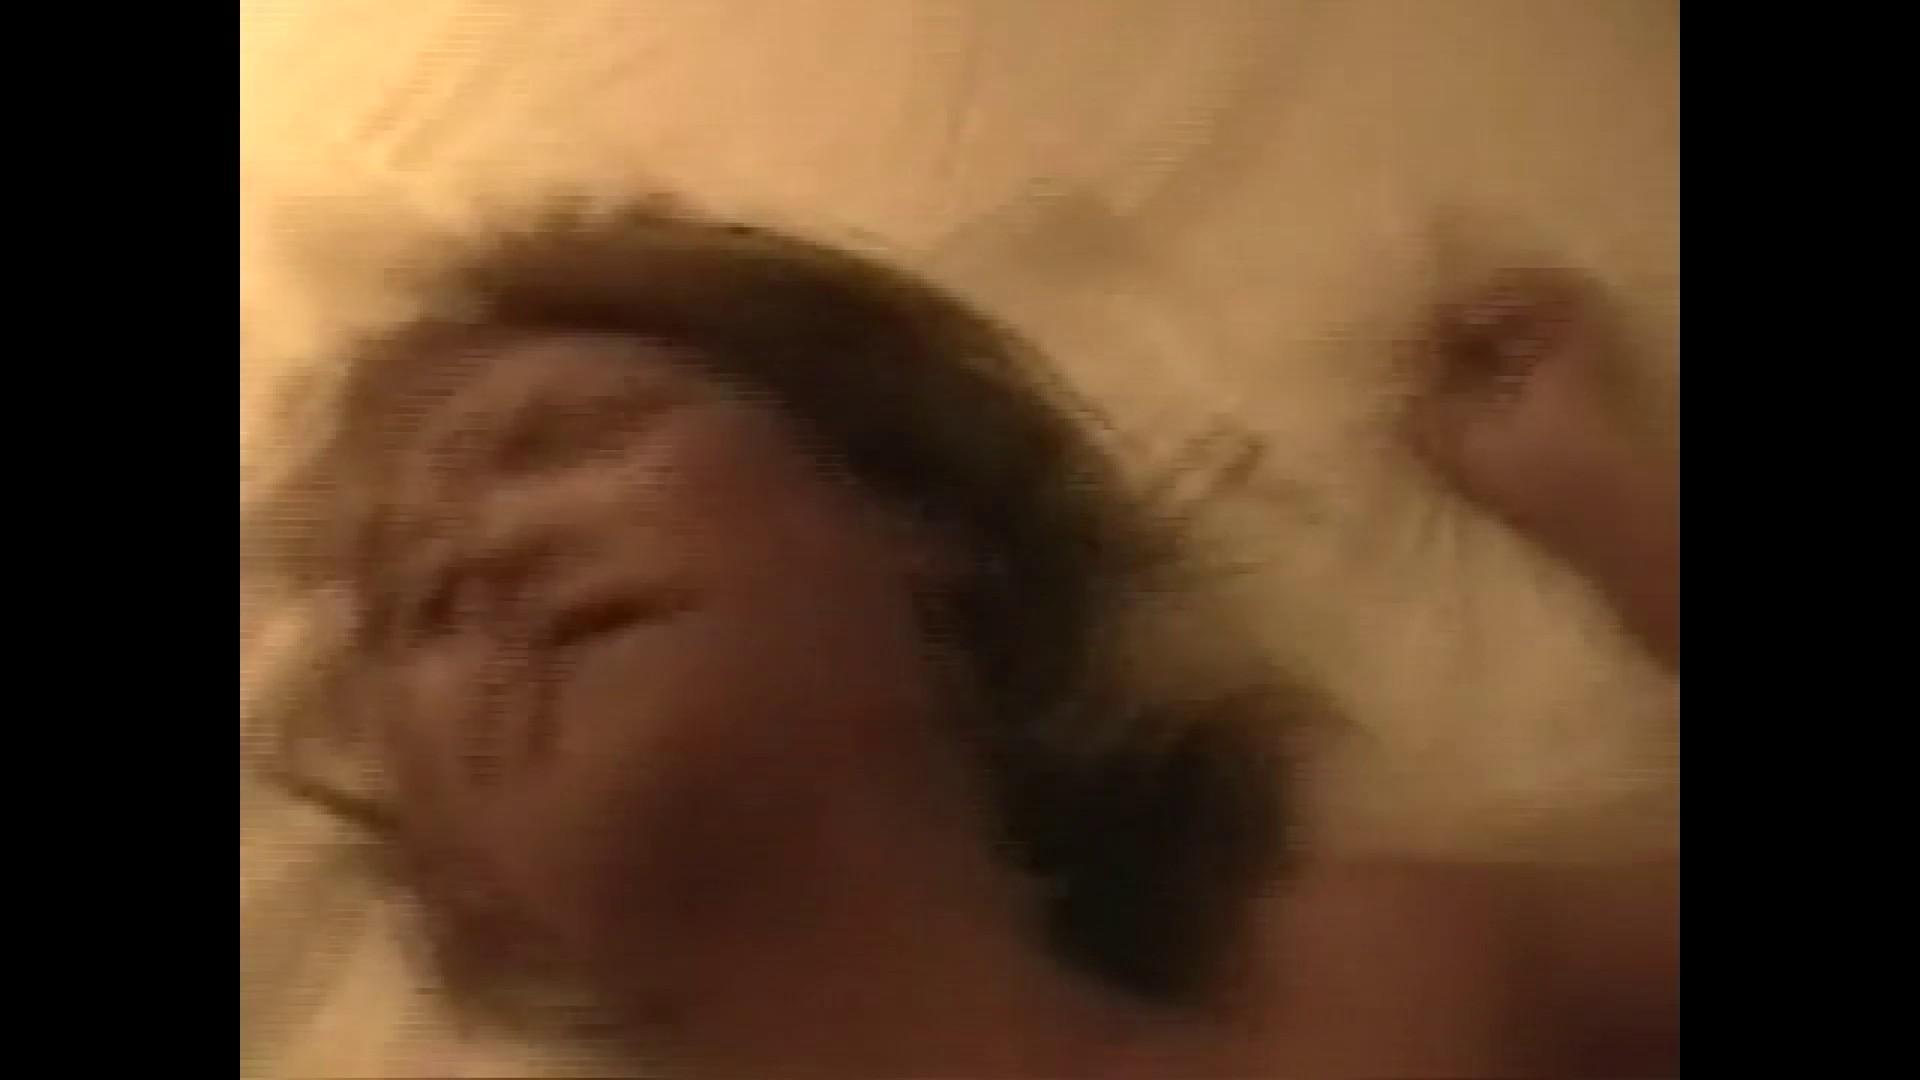 突然ですがしゃぶらせてください Vol.7 ハメ撮り放出 ゲイエロビデオ画像 75pic 69